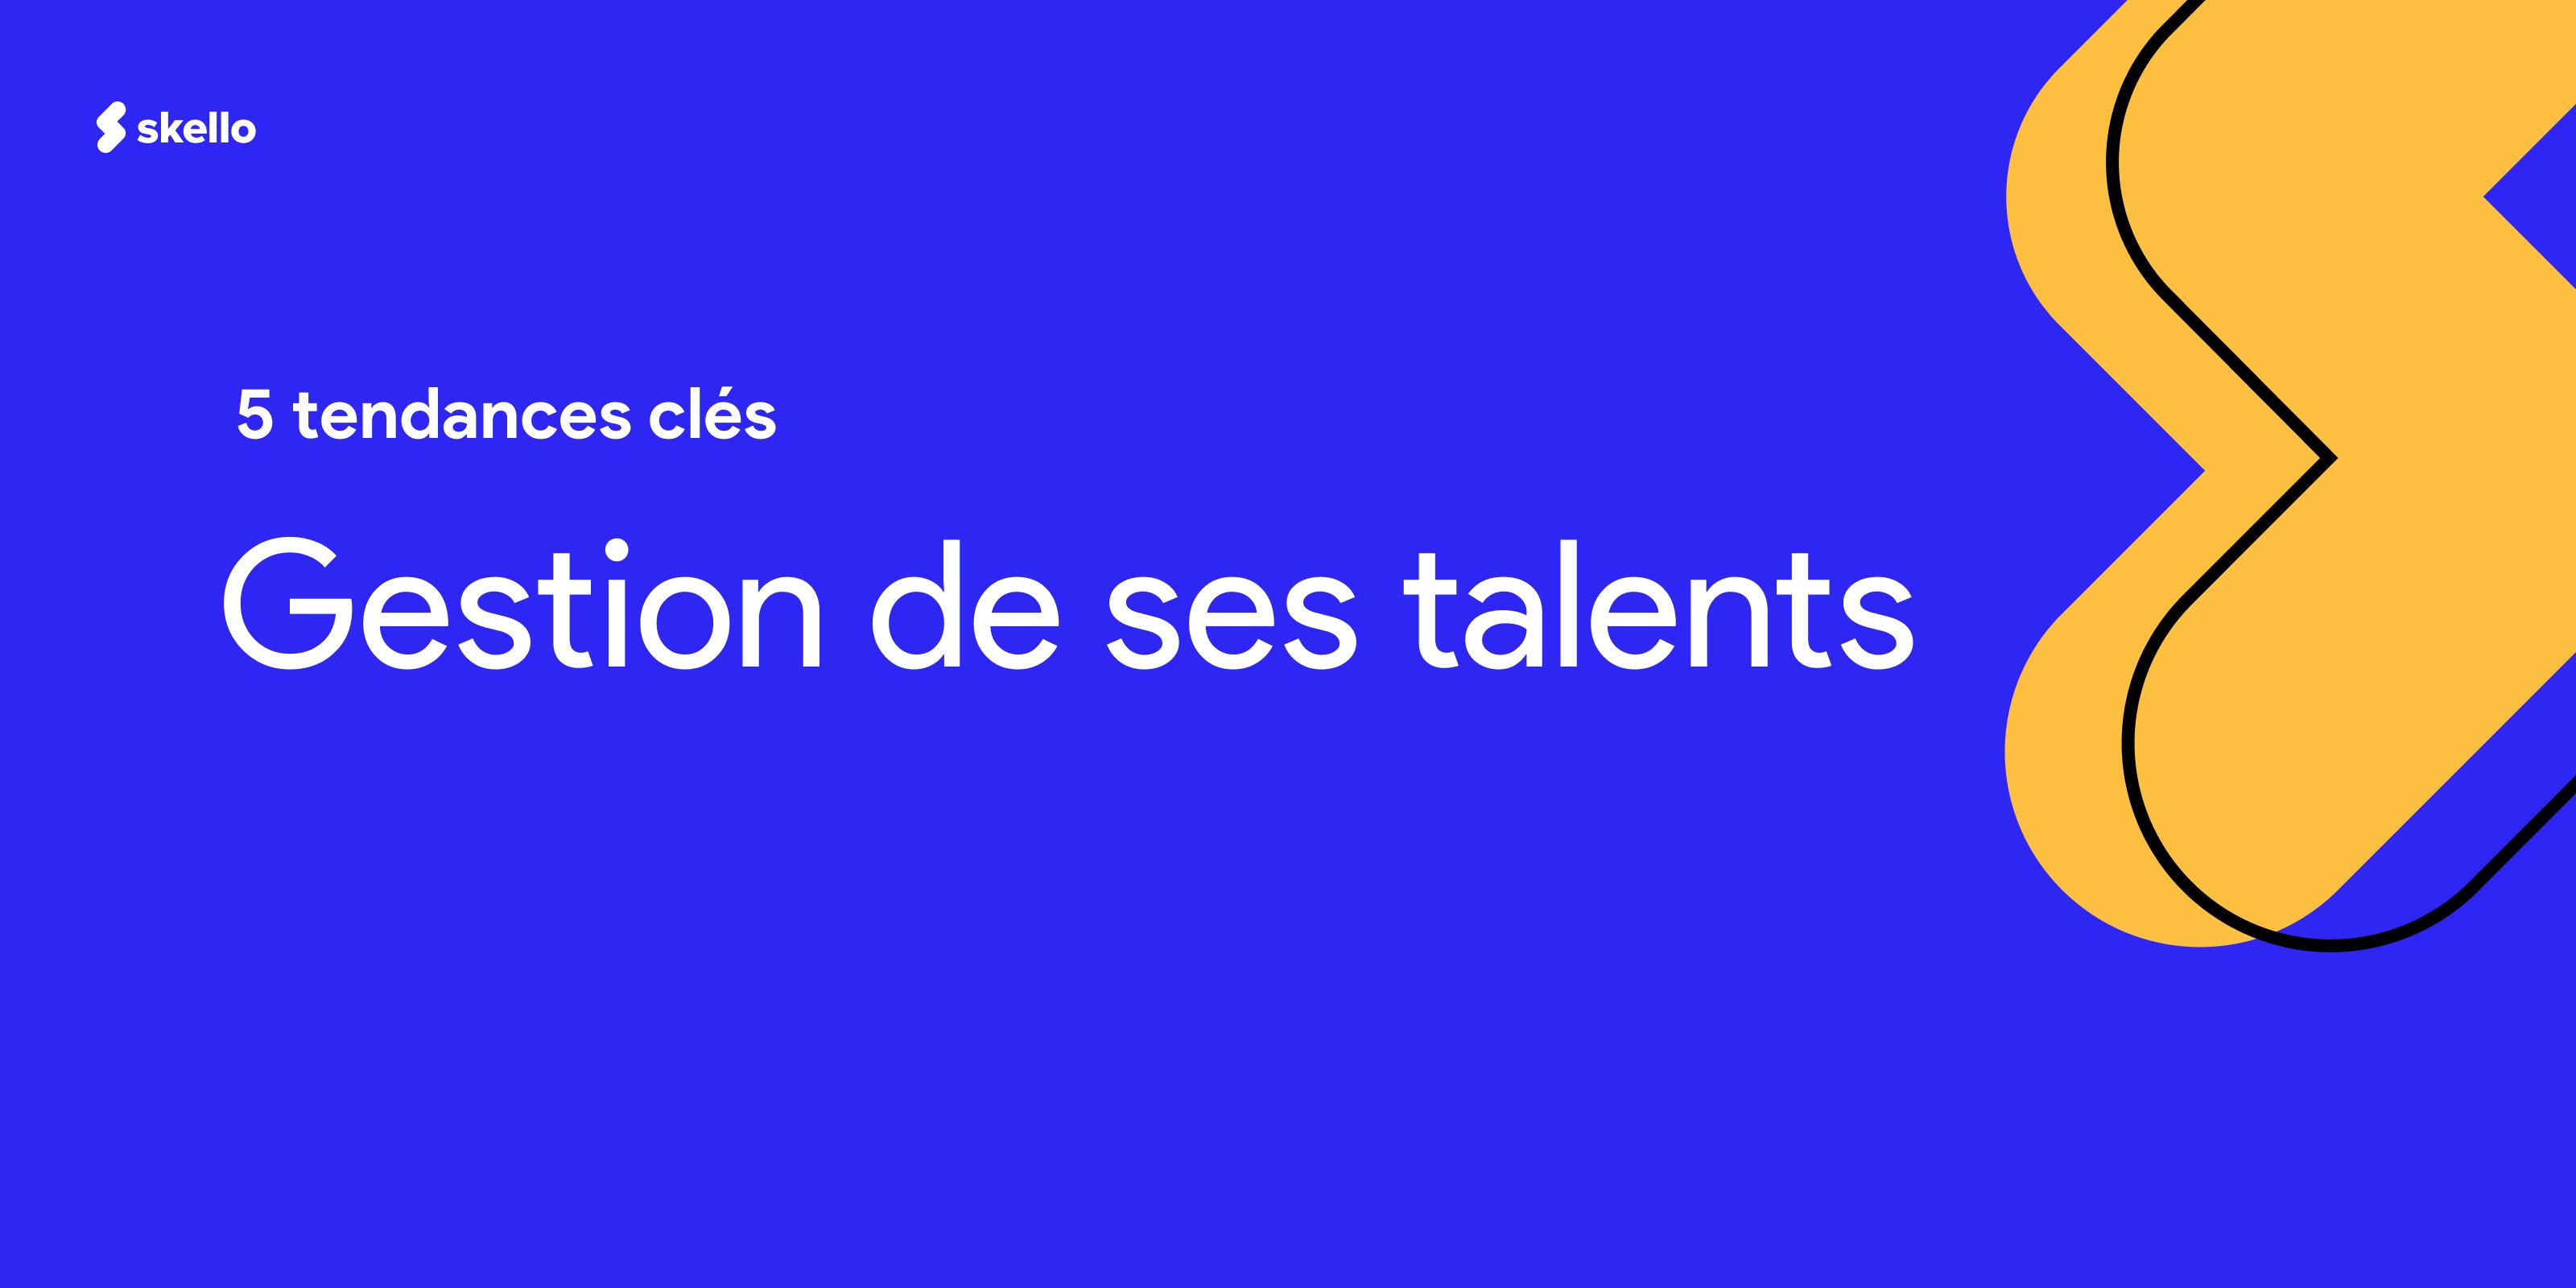 Les cinq tendances clés de 2019 pour la gestion de ses talents